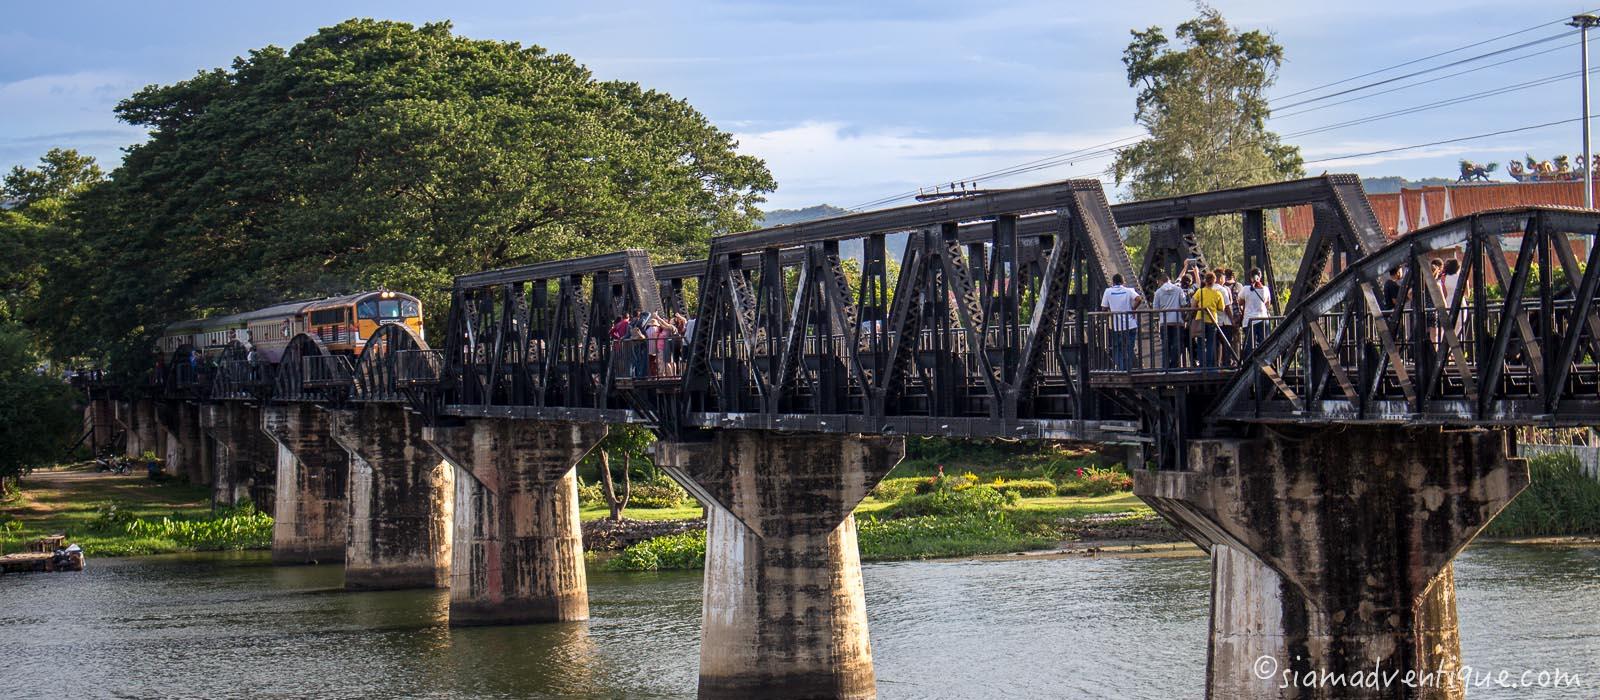 Bridge over the River Khwae in Kanchanaburi